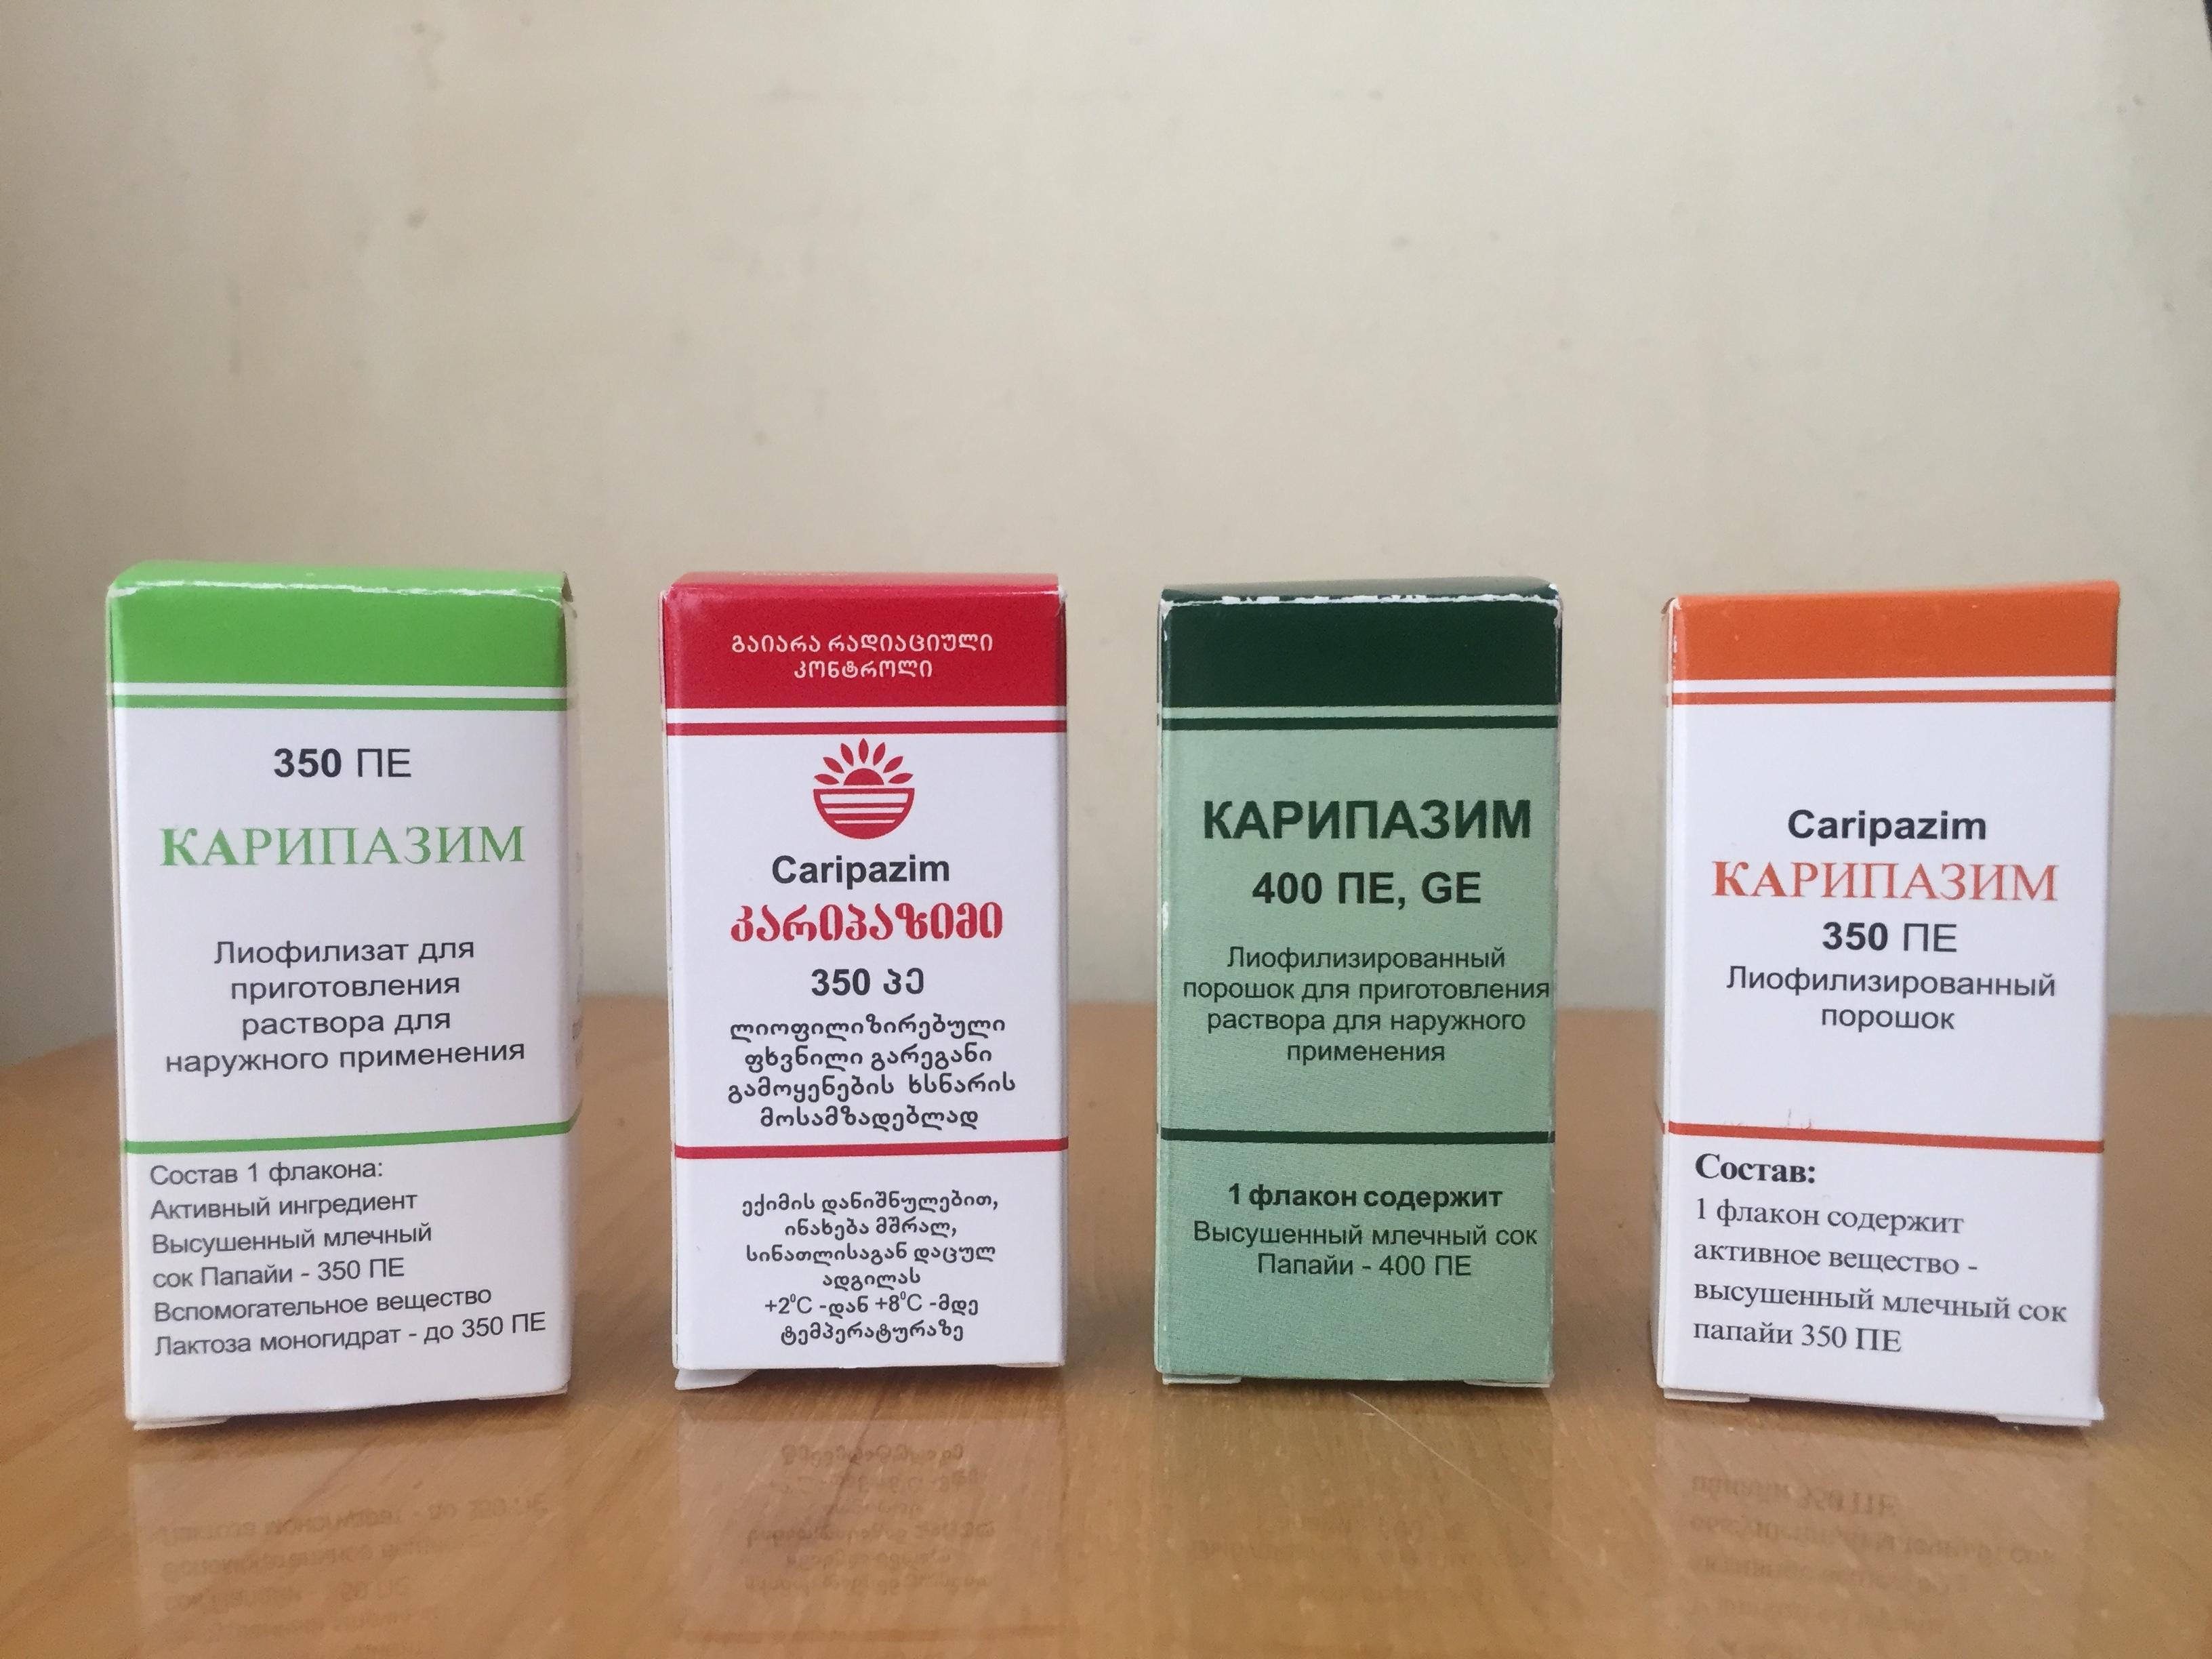 Caripazim® - Kazakhstan